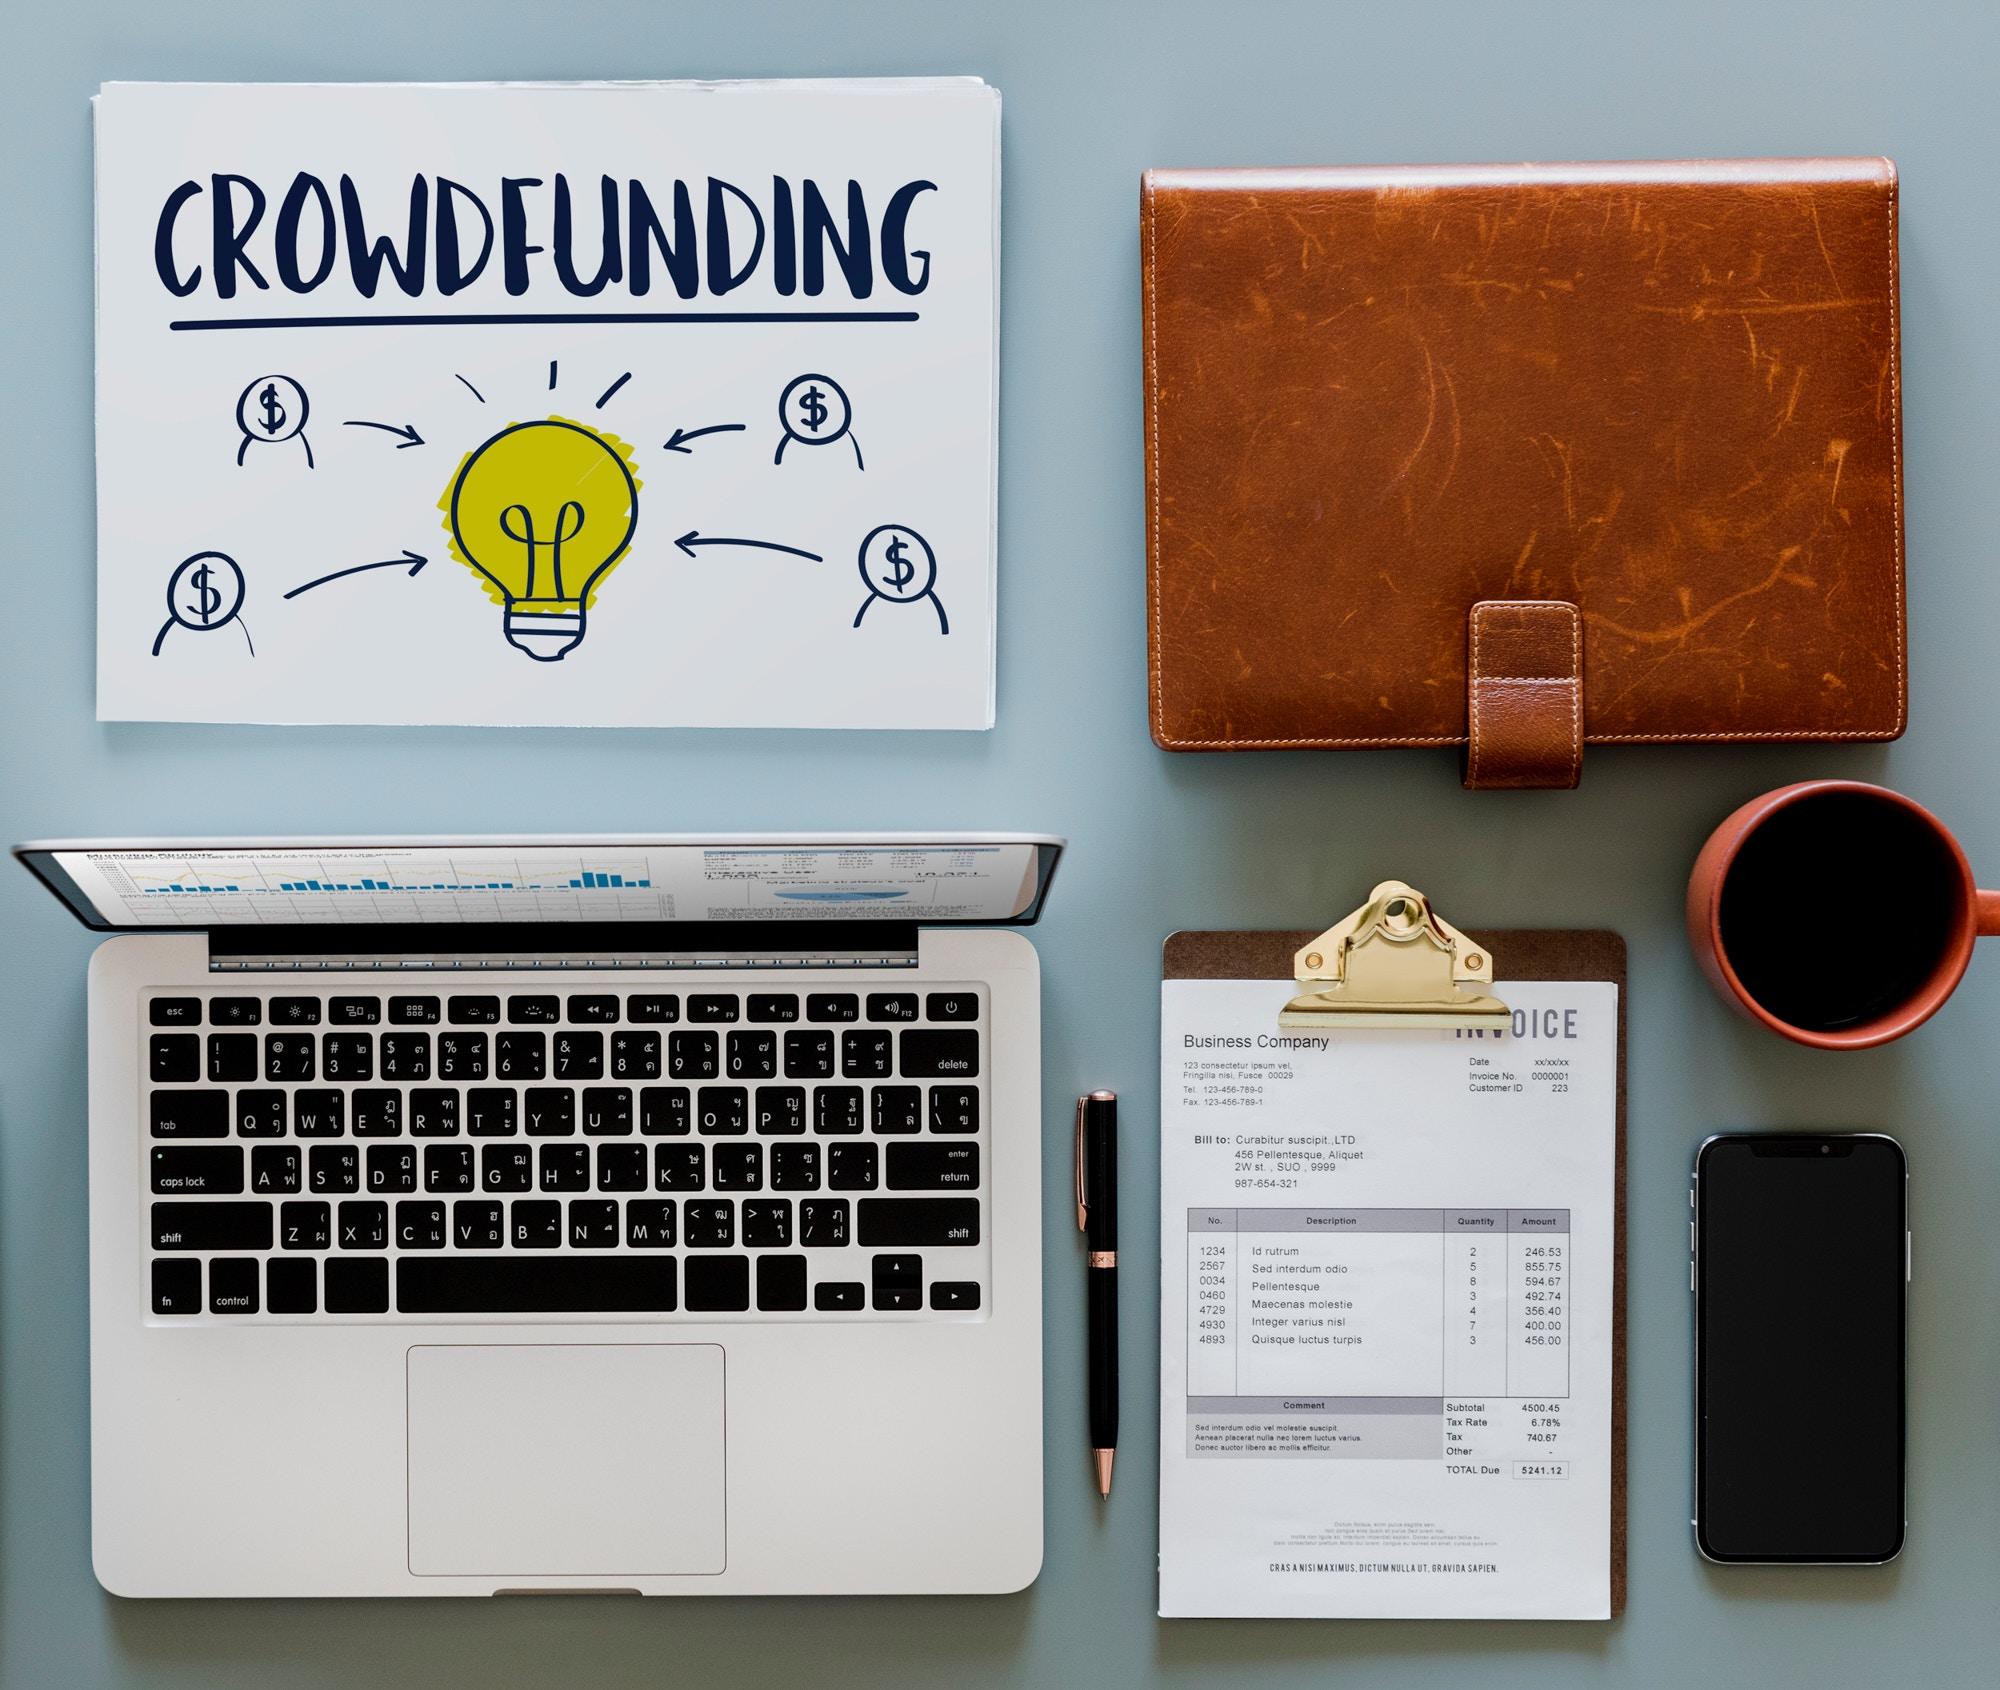 Crowdfunding i Sverige är bra för både företag och privatpersoner